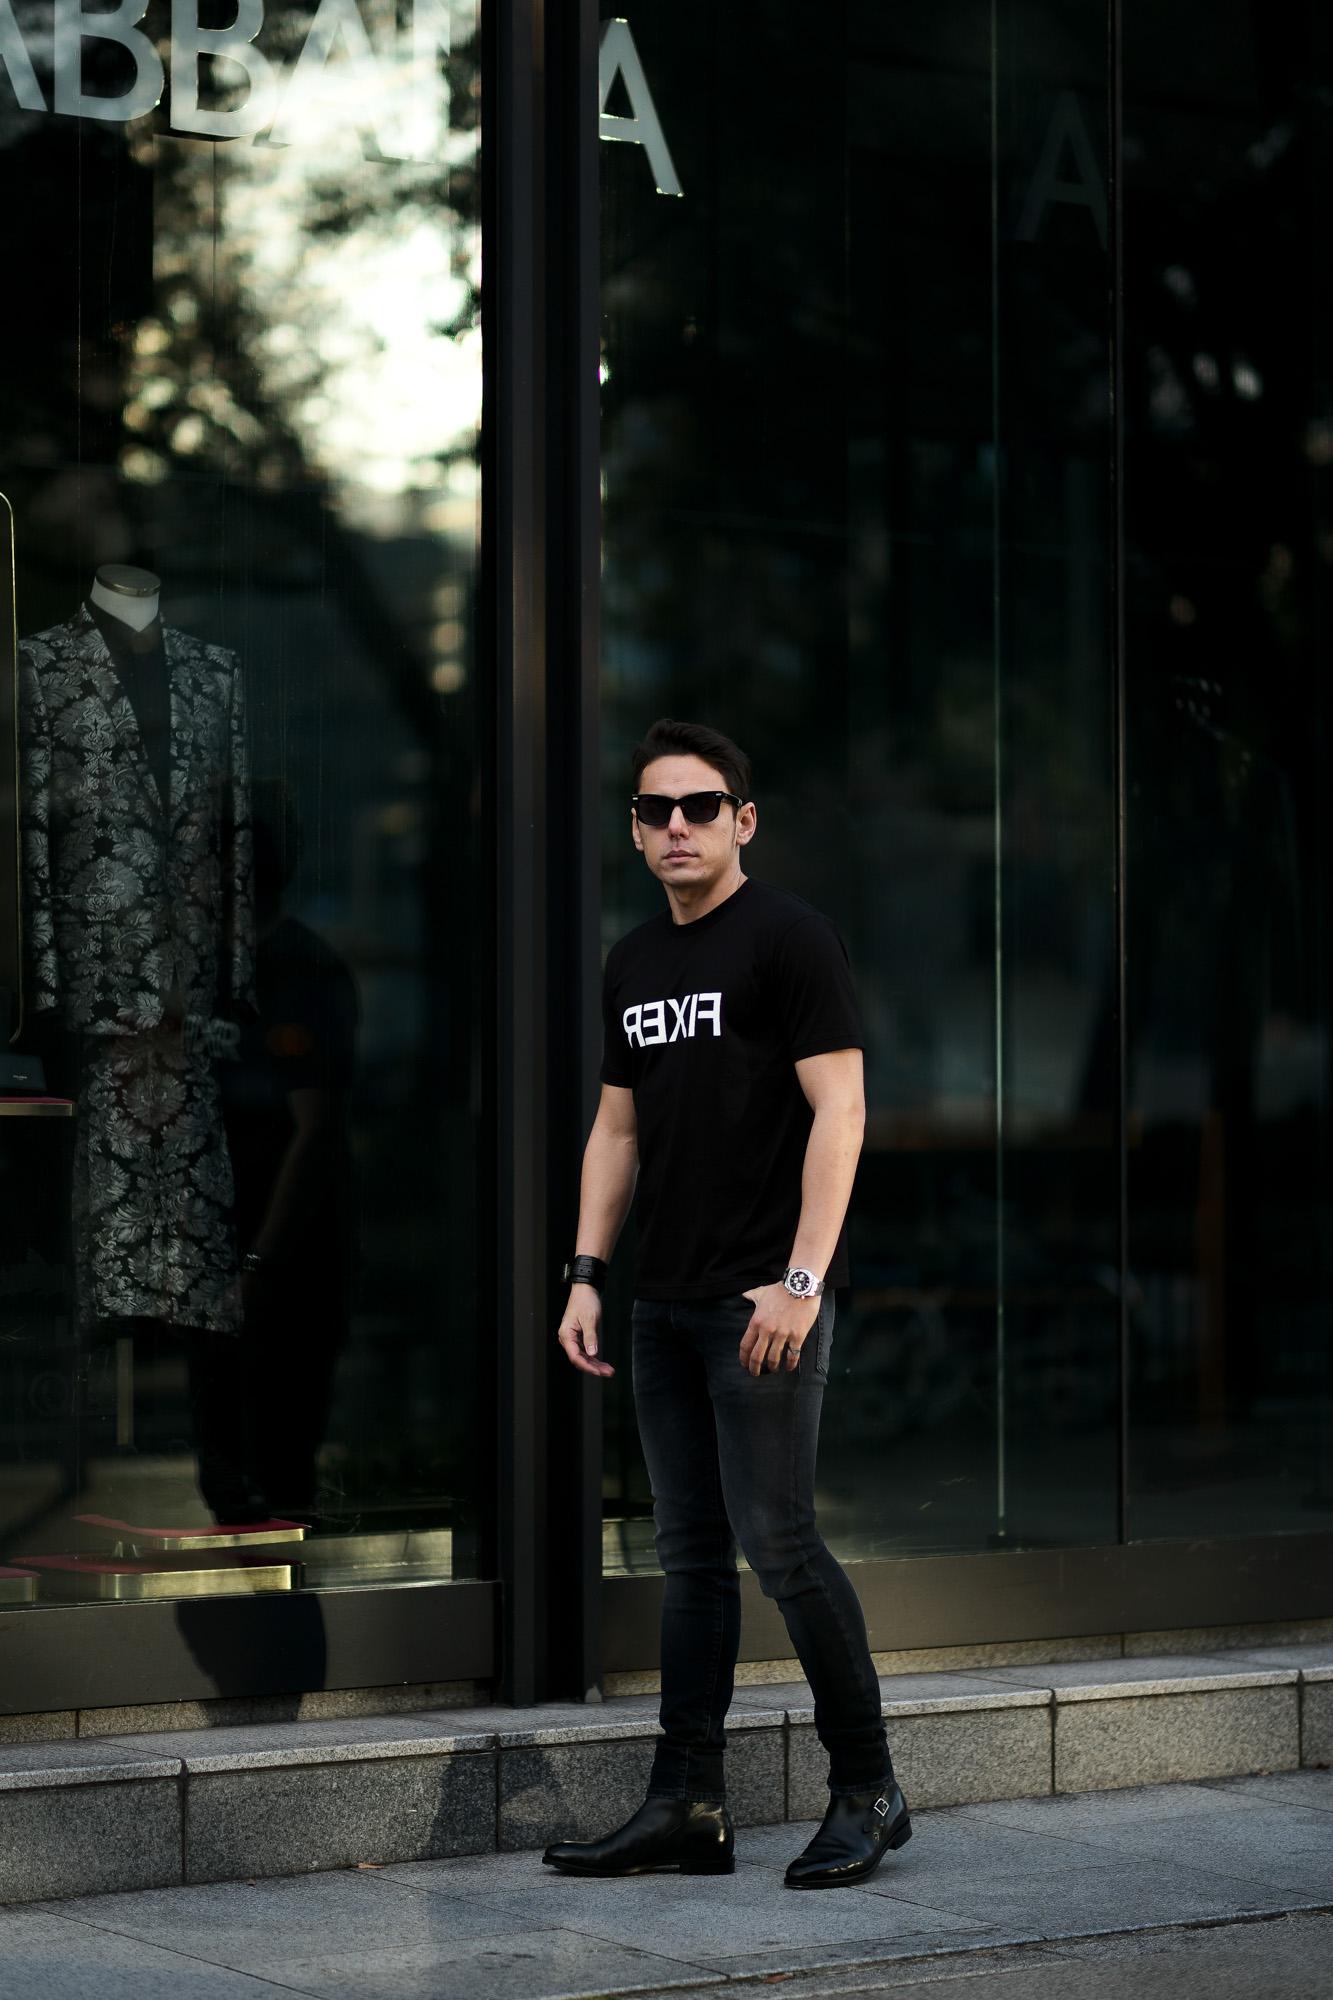 FIXER (フィクサー) FTS-03 Reverse Print Crew Neck T-shirt リバースプリント Tシャツ BLACK (ブラック) 【ご予約開始】【2021.4.17(Sat)~2021.5.03(Mon)】 愛知 名古屋 Alto e Diritto altoediritto アルトエデリット Tシャツ